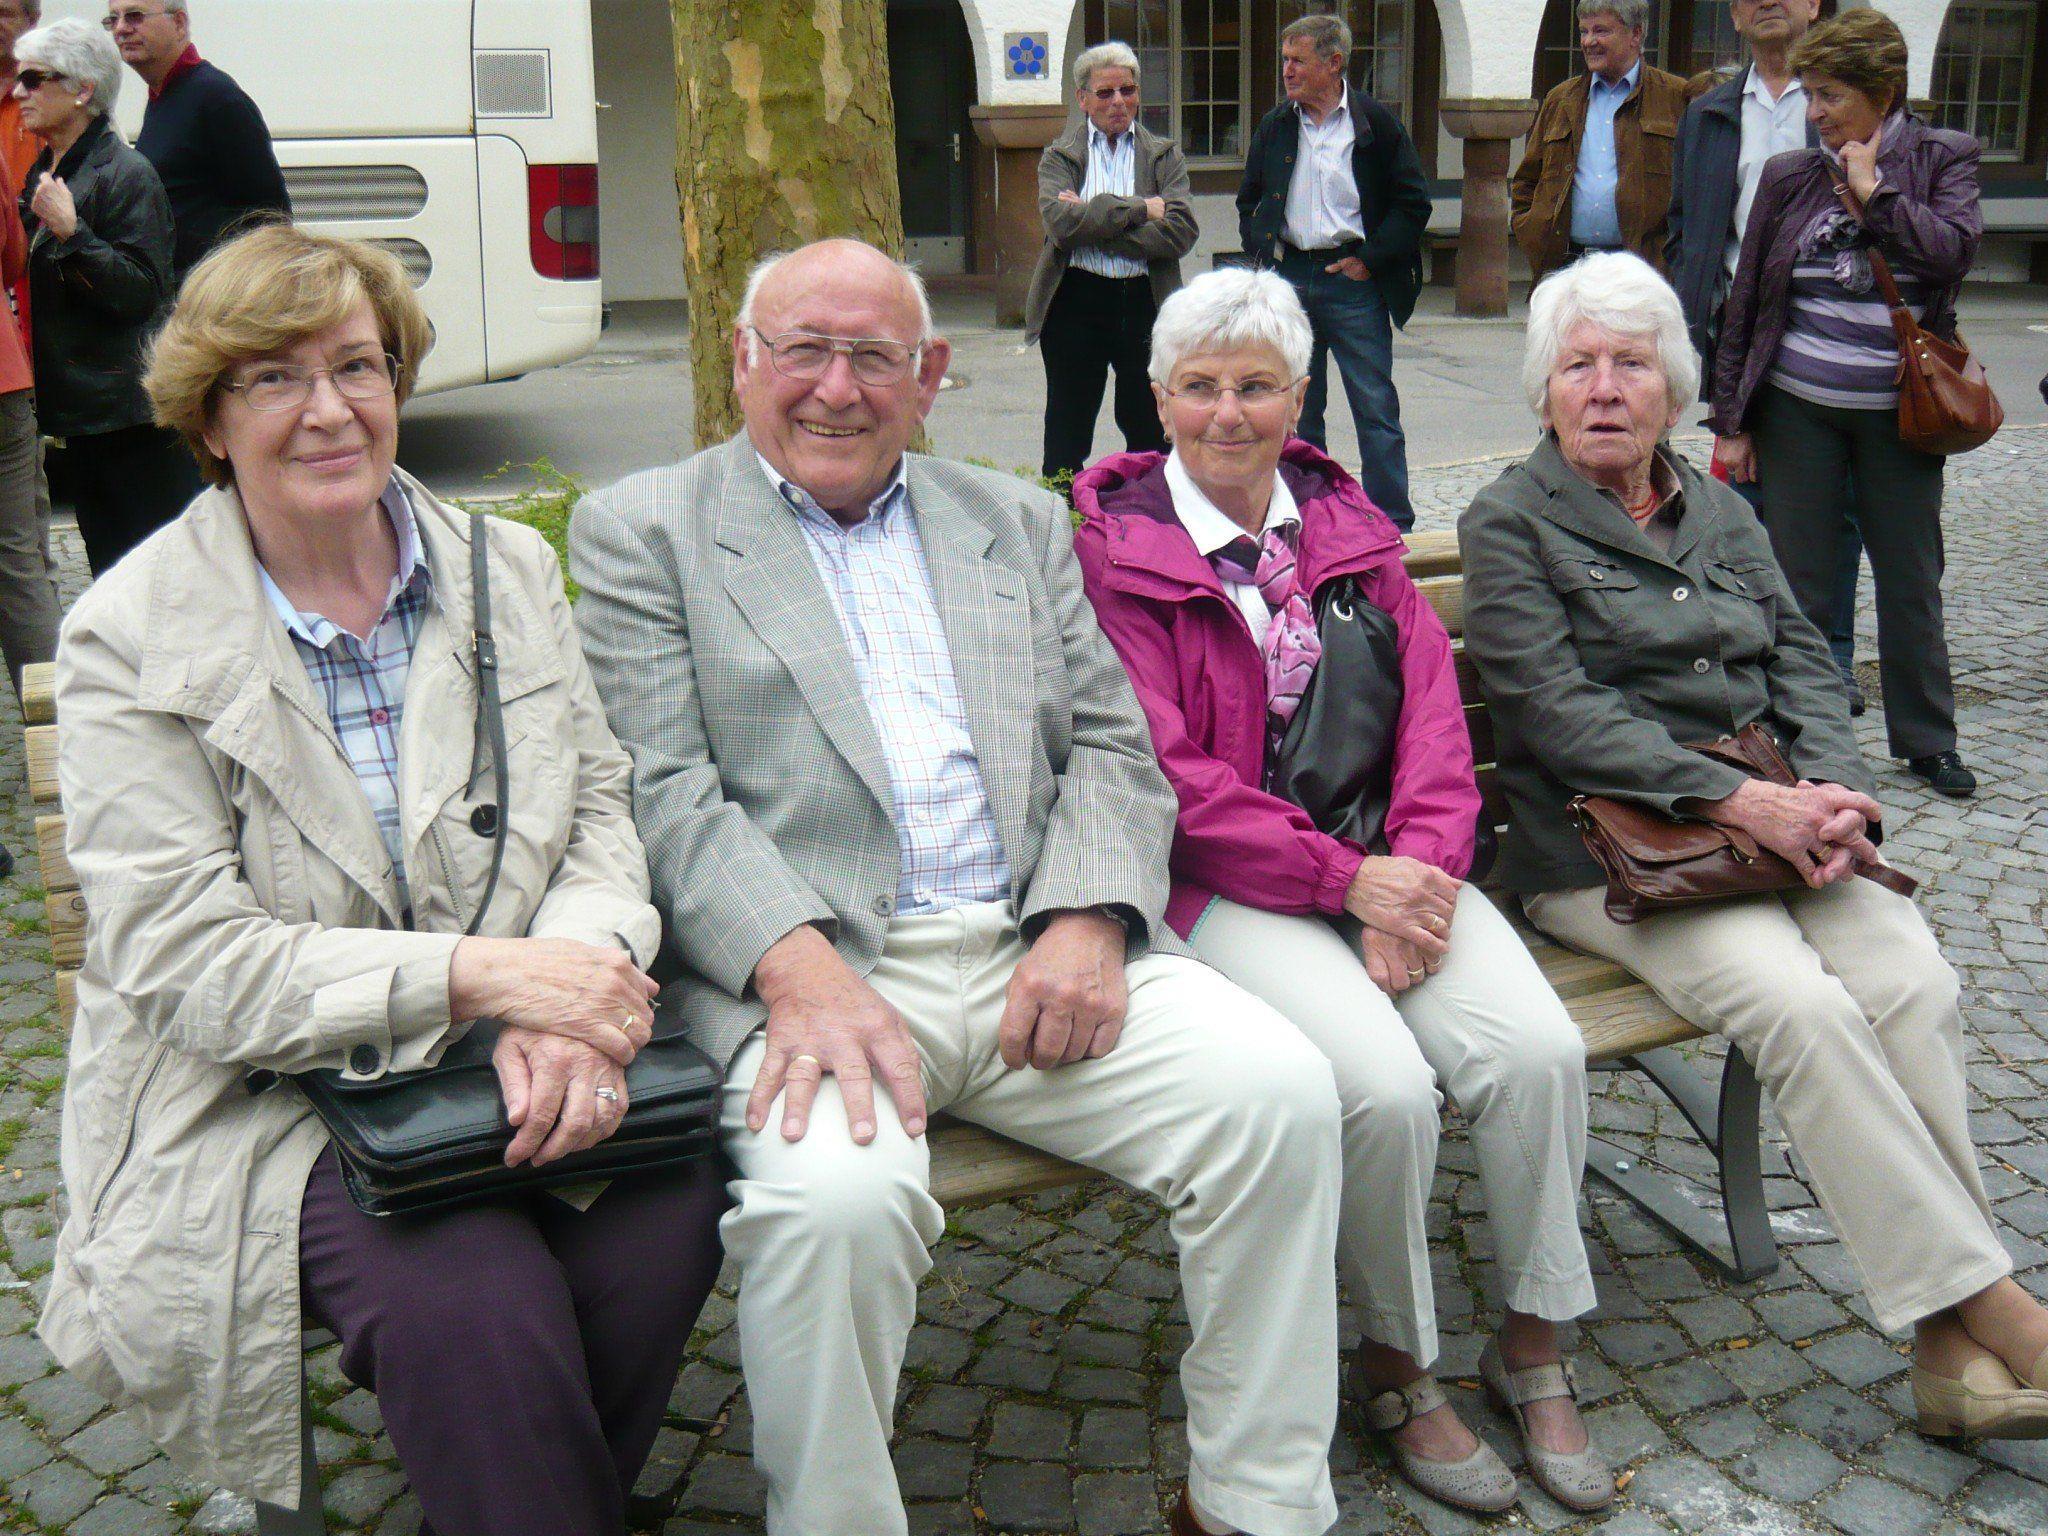 Erwartungsvoll warten die Senioren auf die Stadtführerinnen